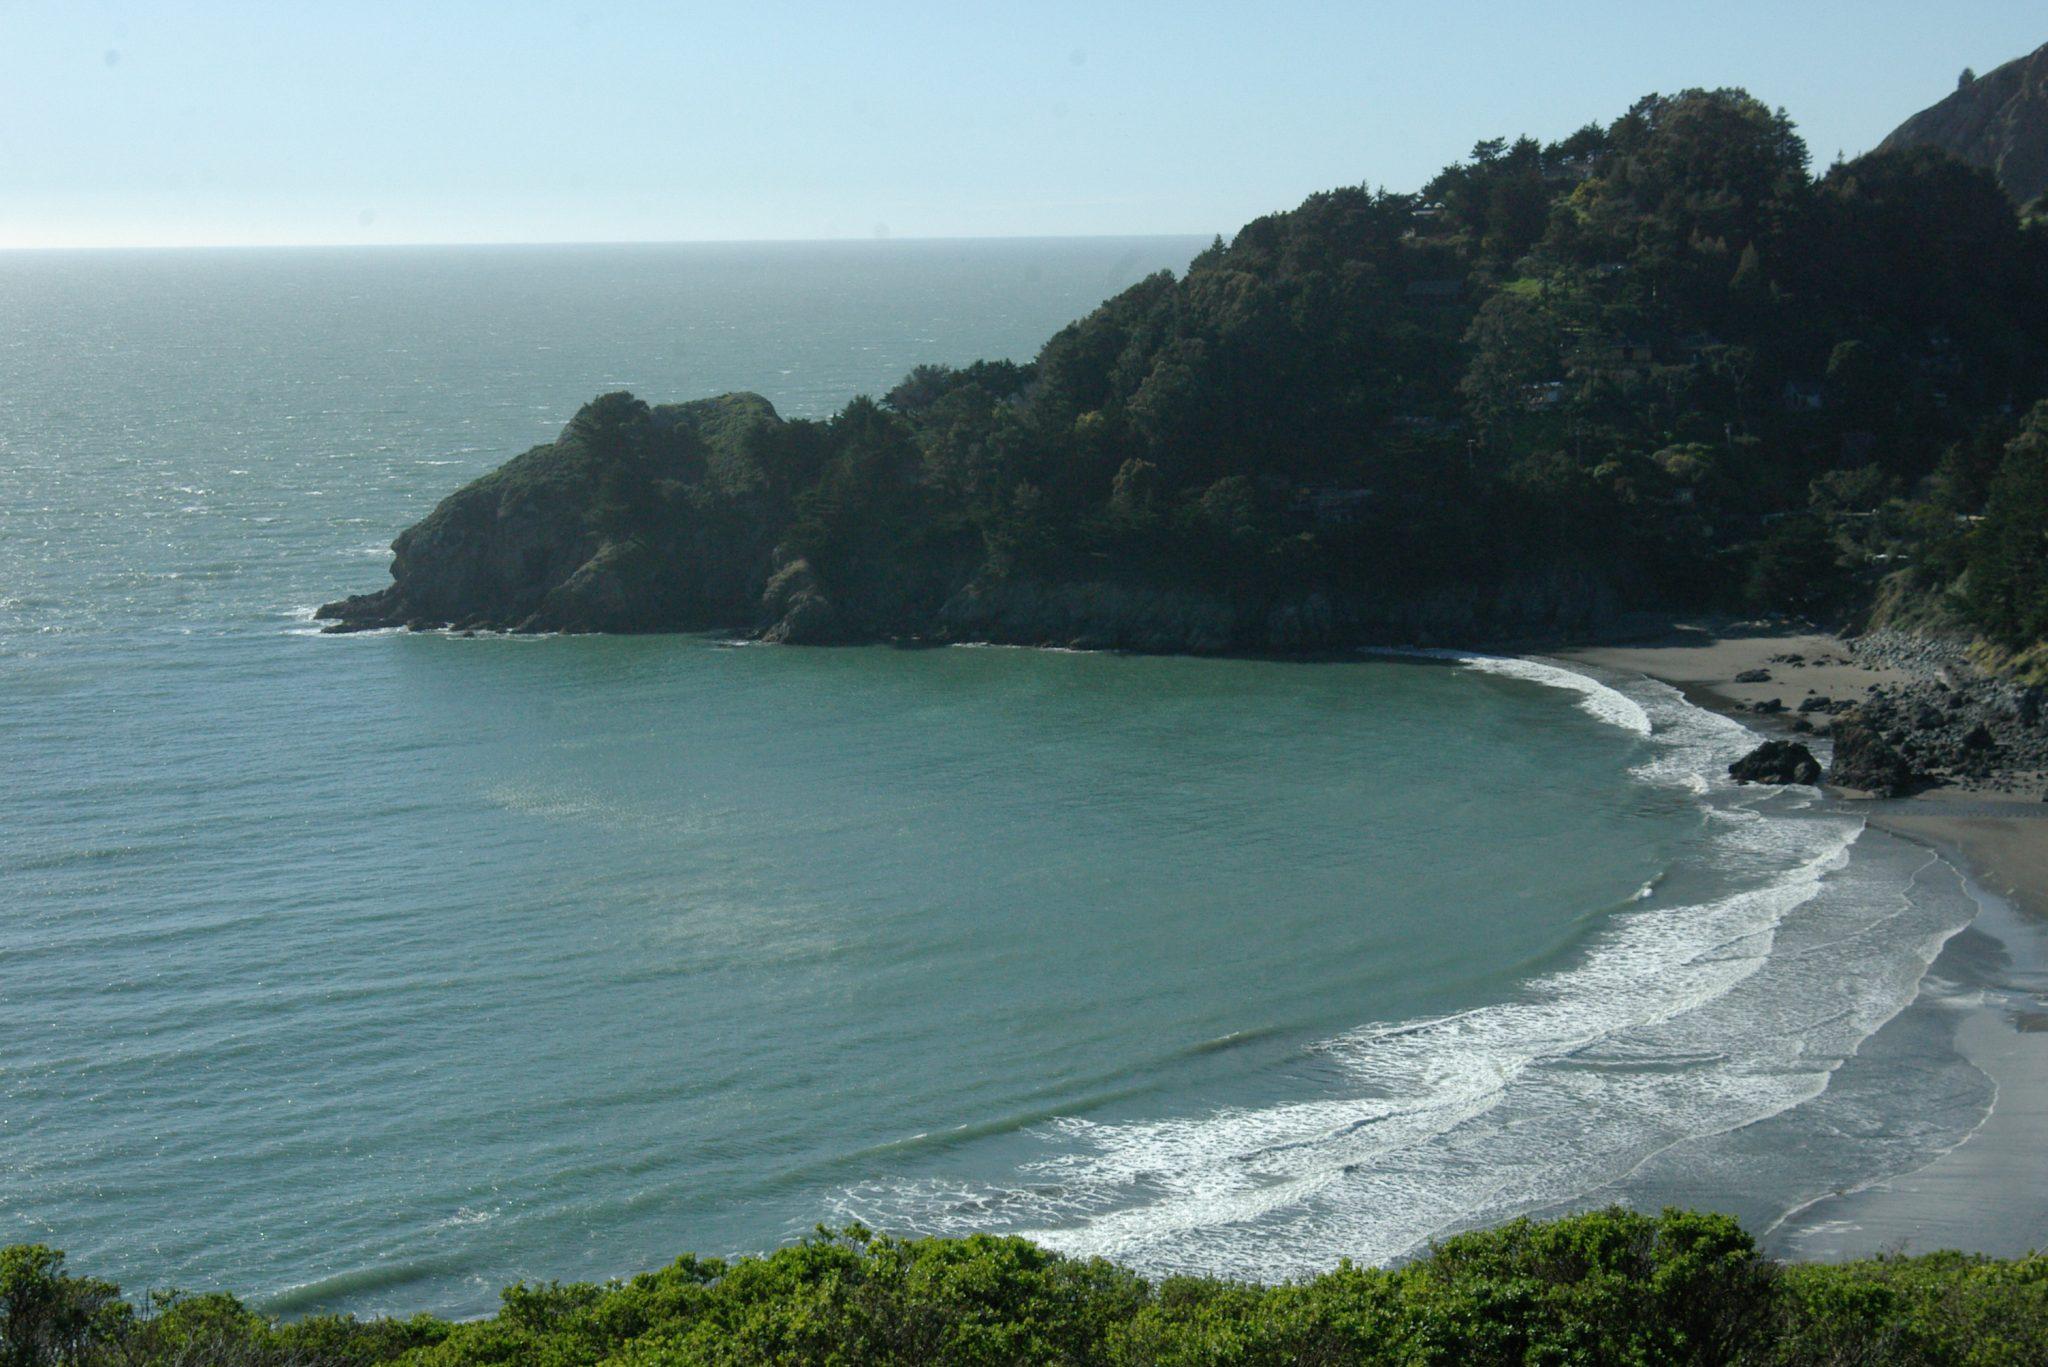 Muir Beach near San Francisco